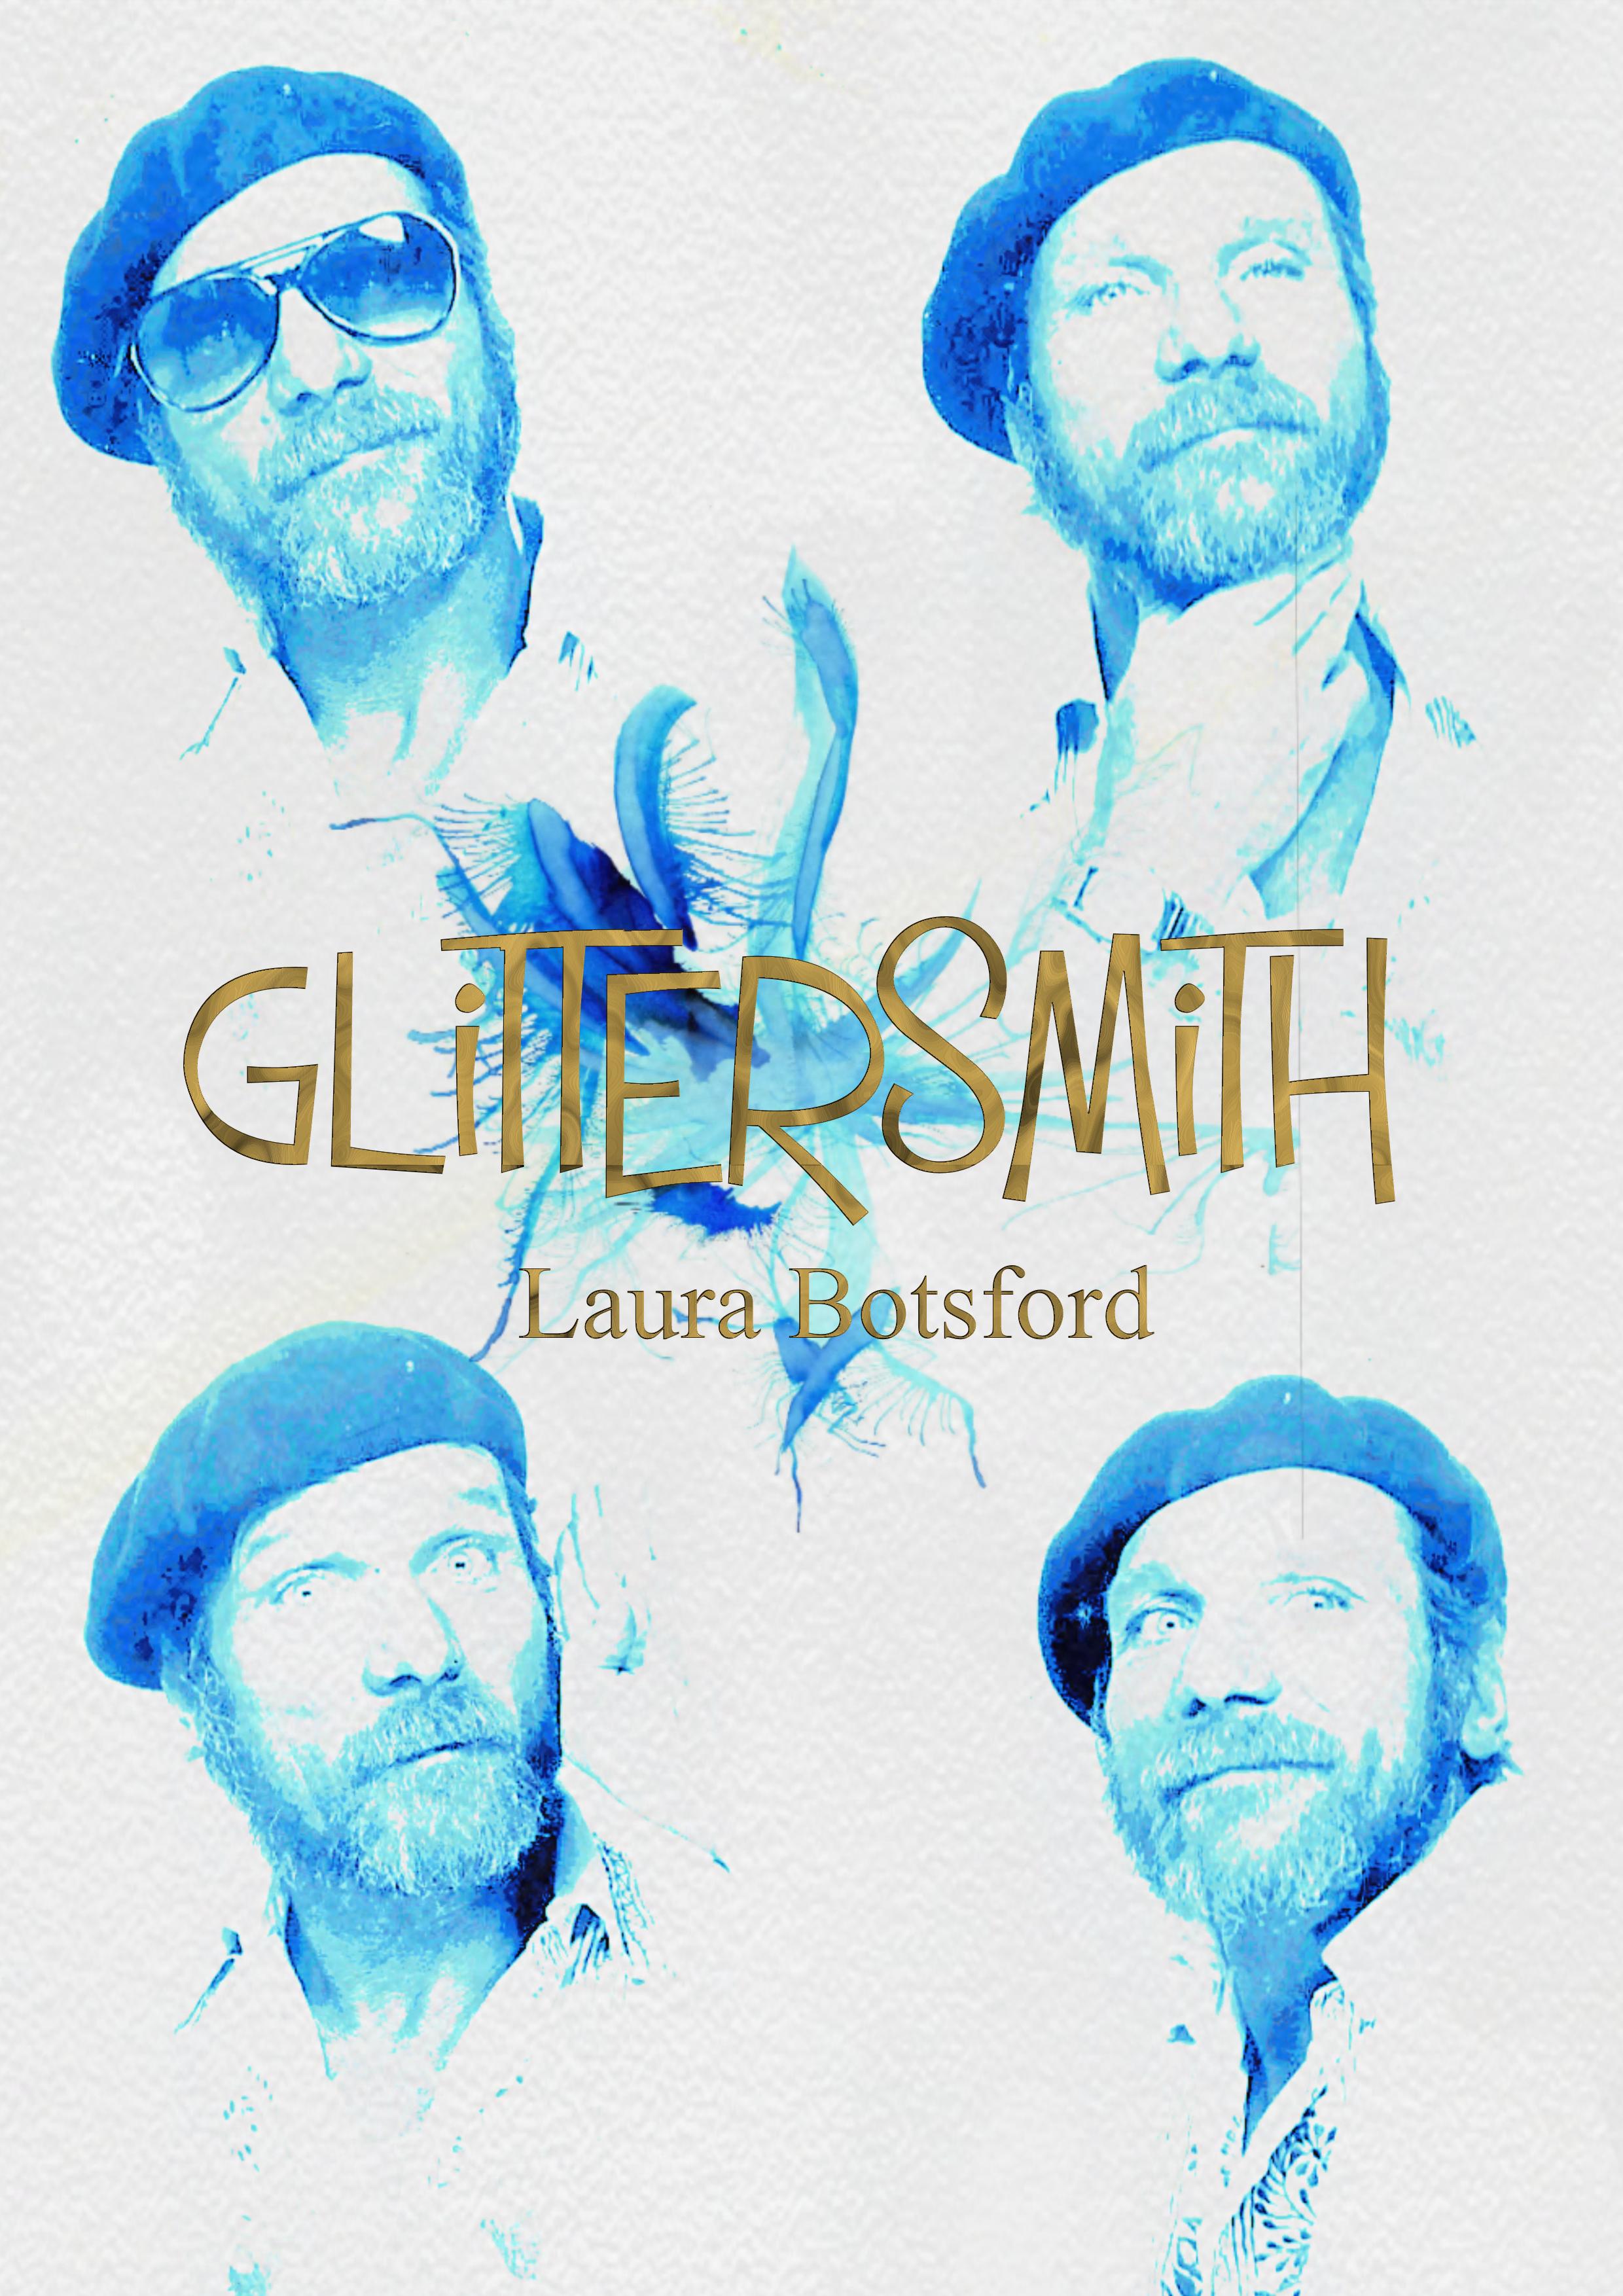 Glittersmith cover